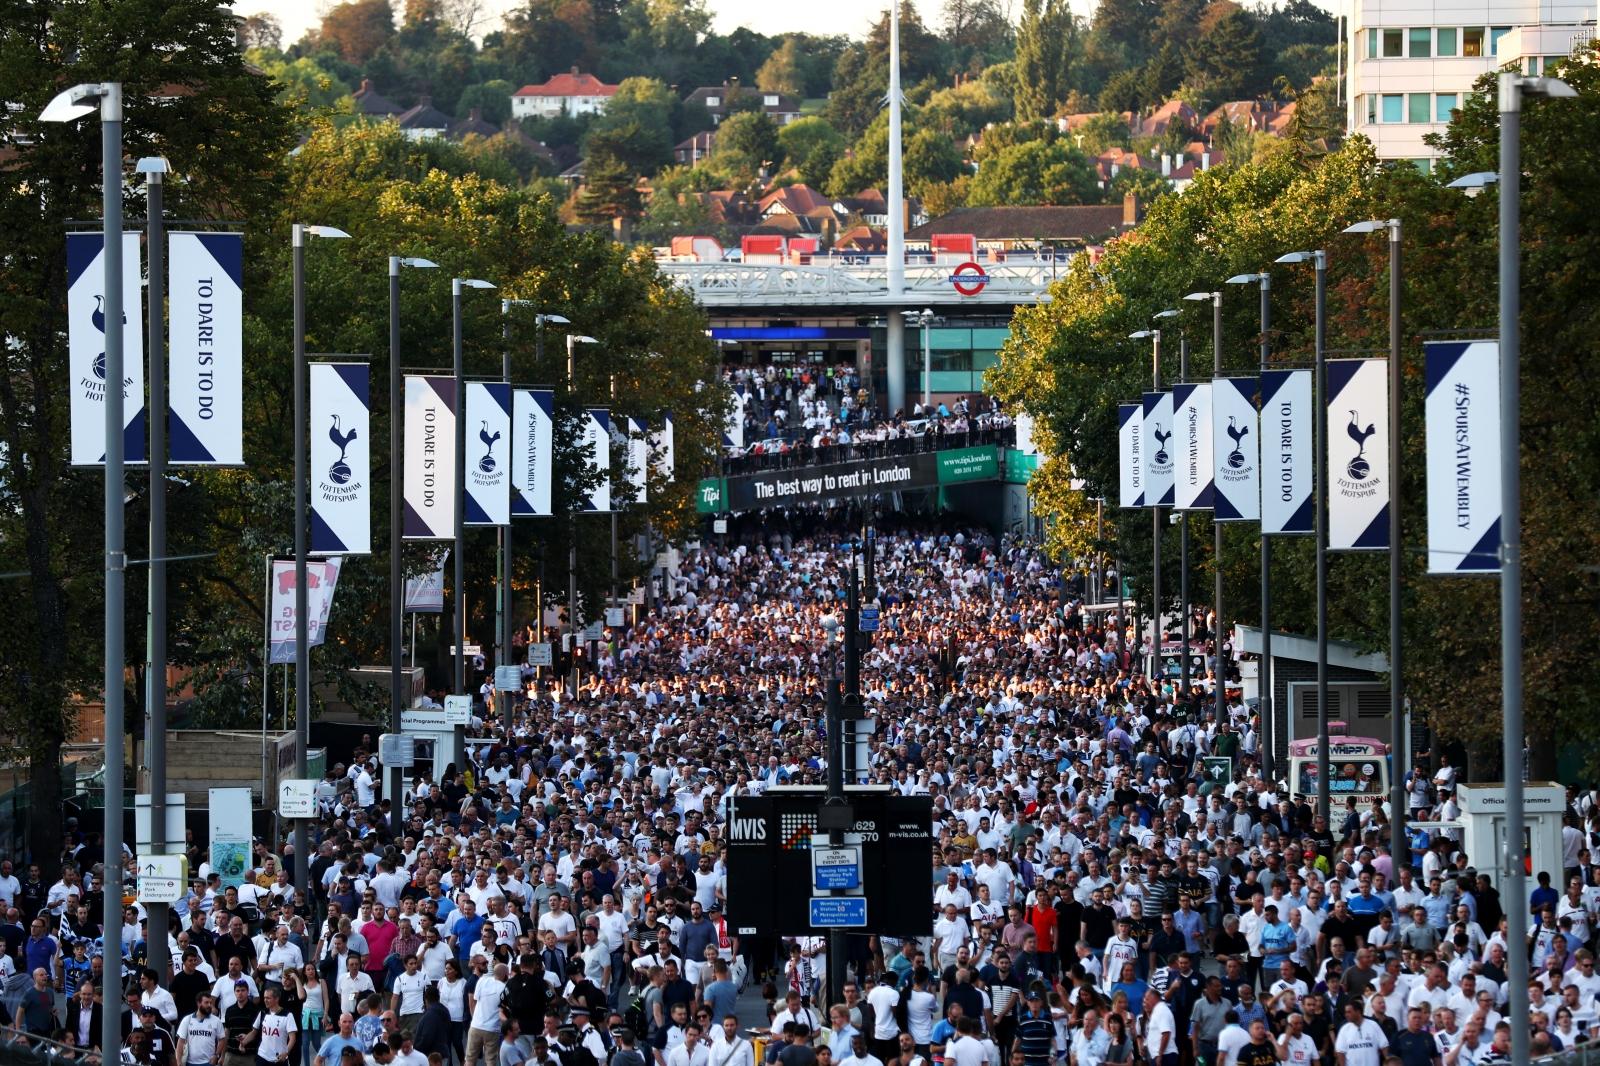 Tottenham fans head into Wembley